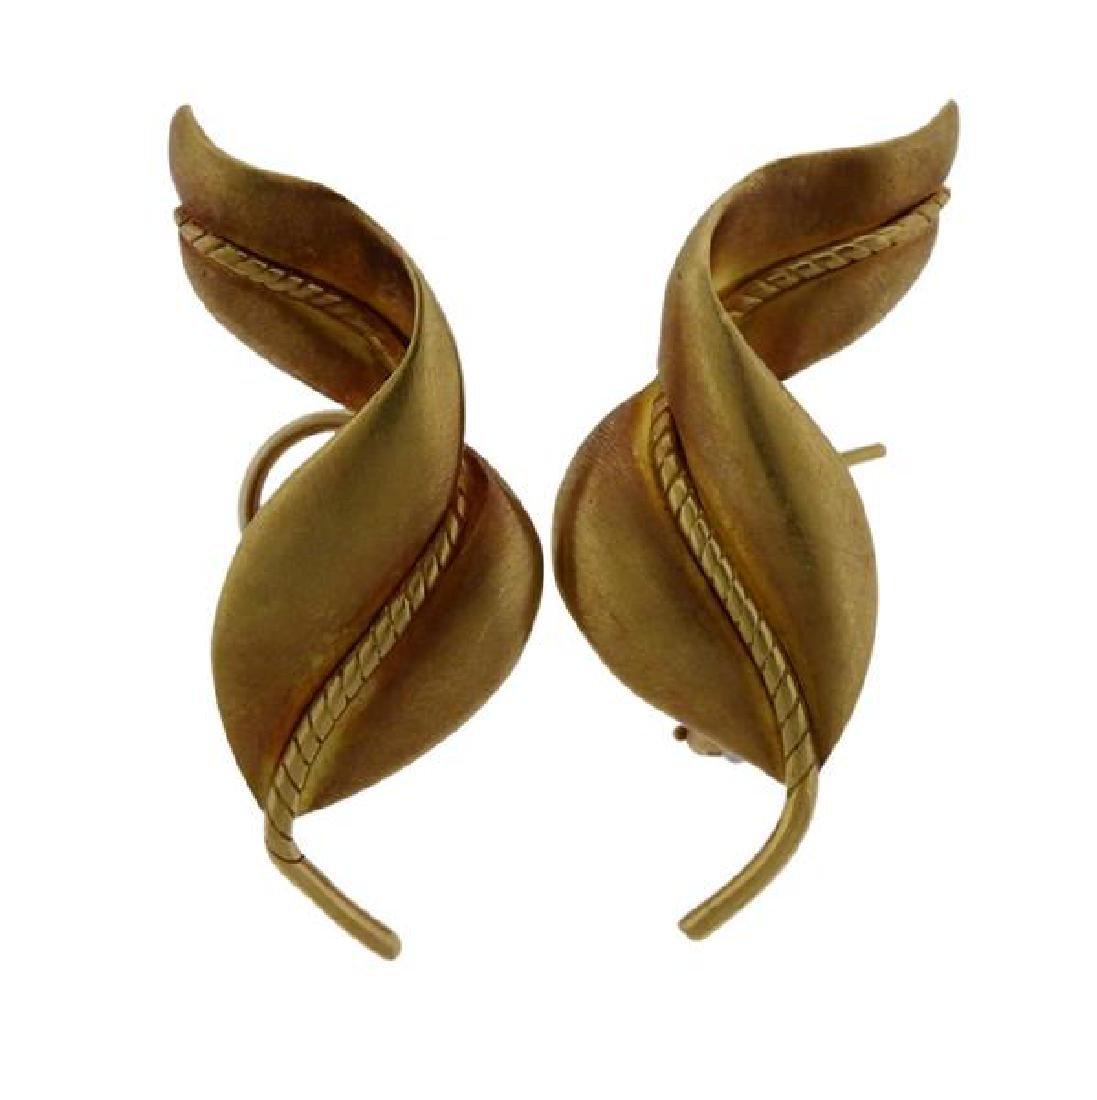 Tiffany & Co 18K Gold Twisted Leaf Motif Earrings